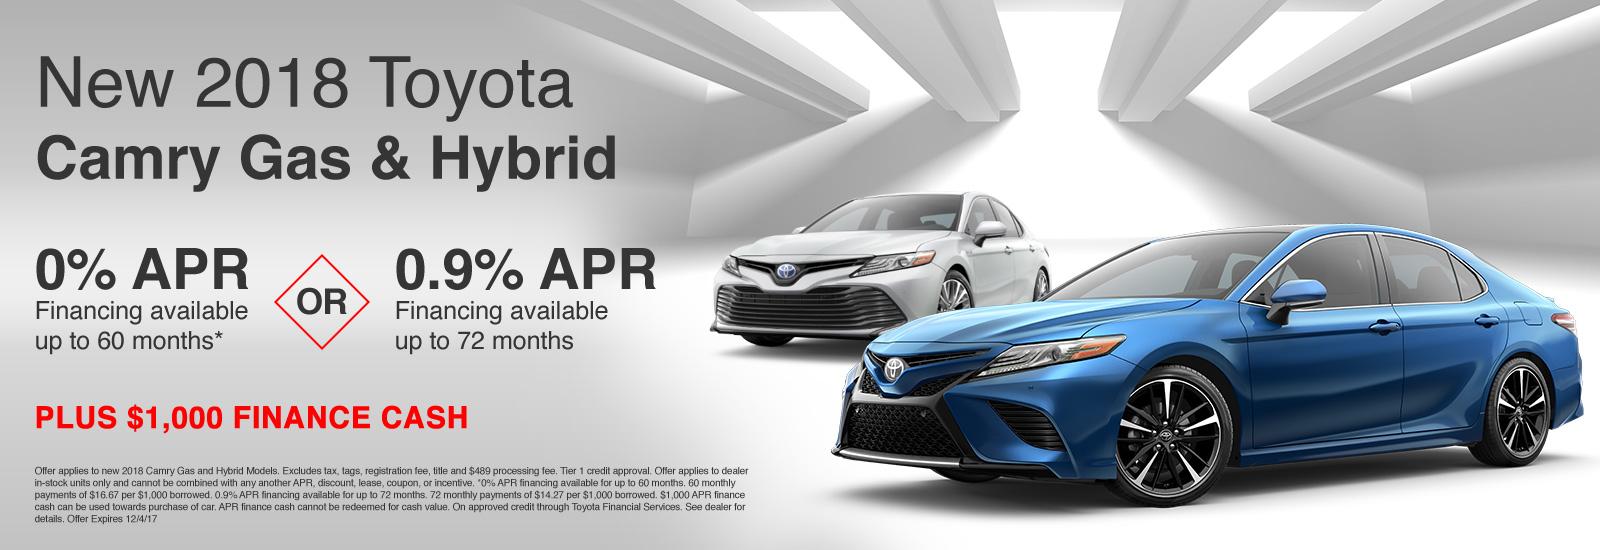 0 Apr Car >> 2018 Toyota Apr